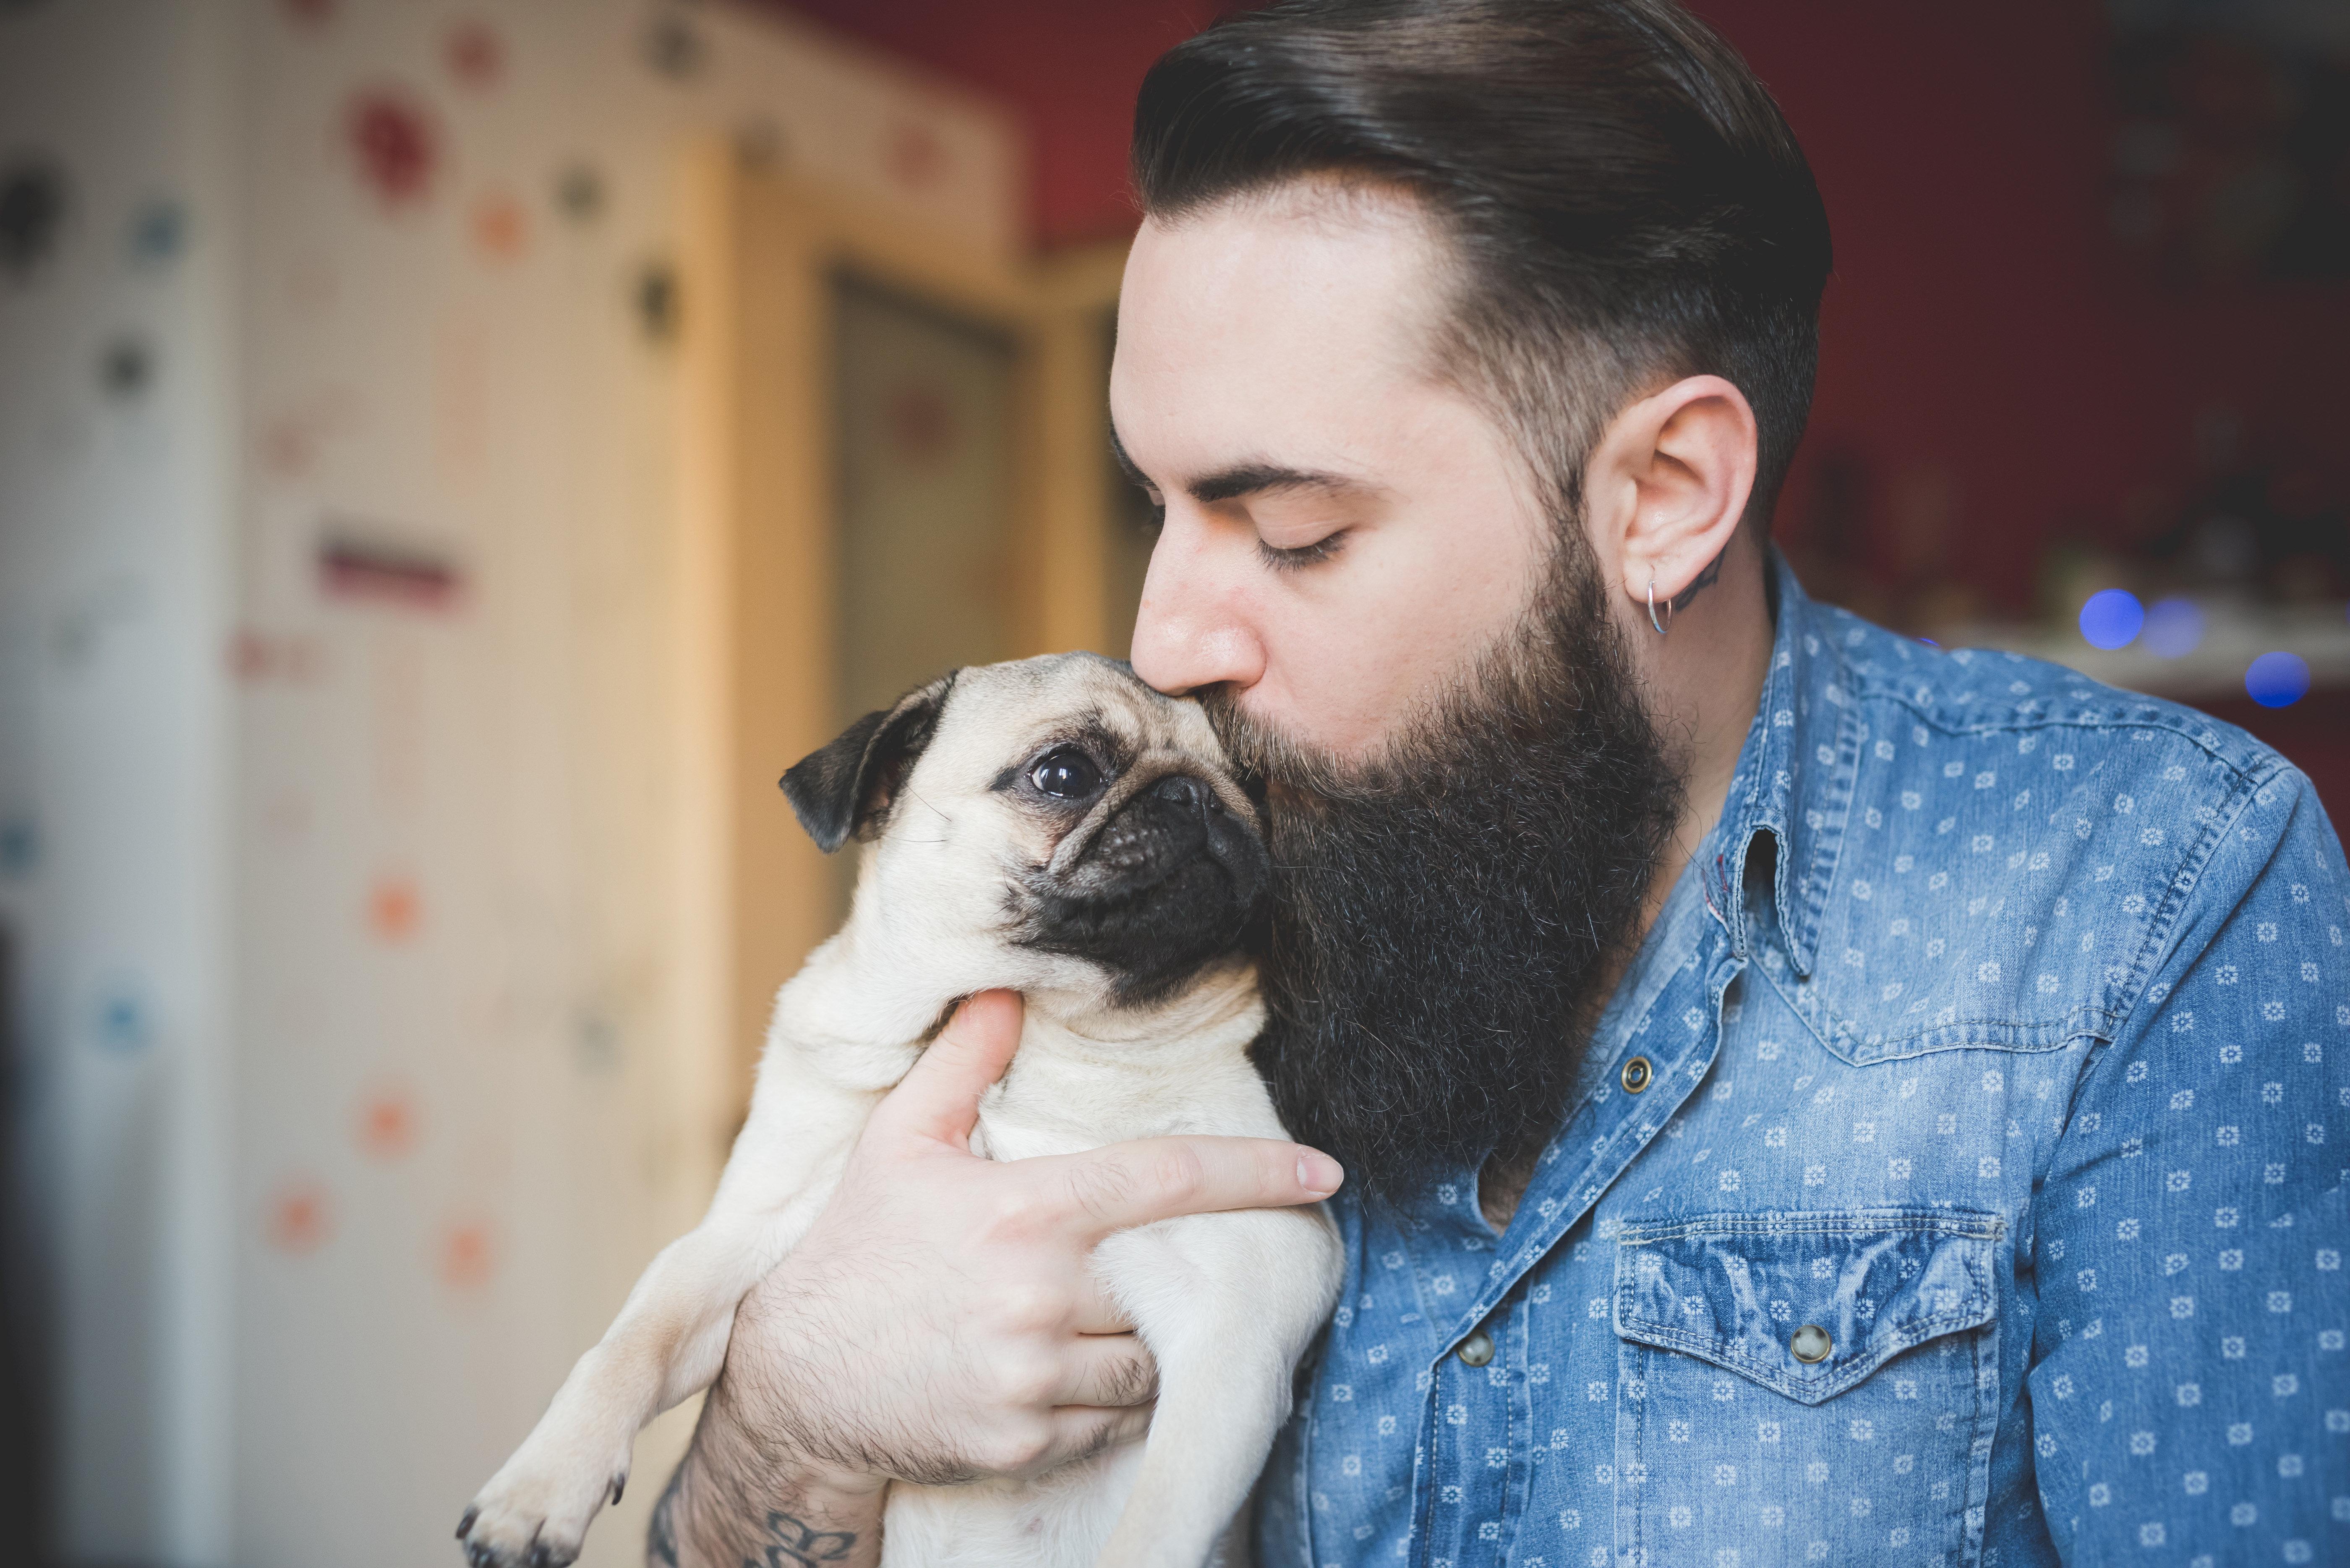 顎髭の男性と犬 イメージ写真